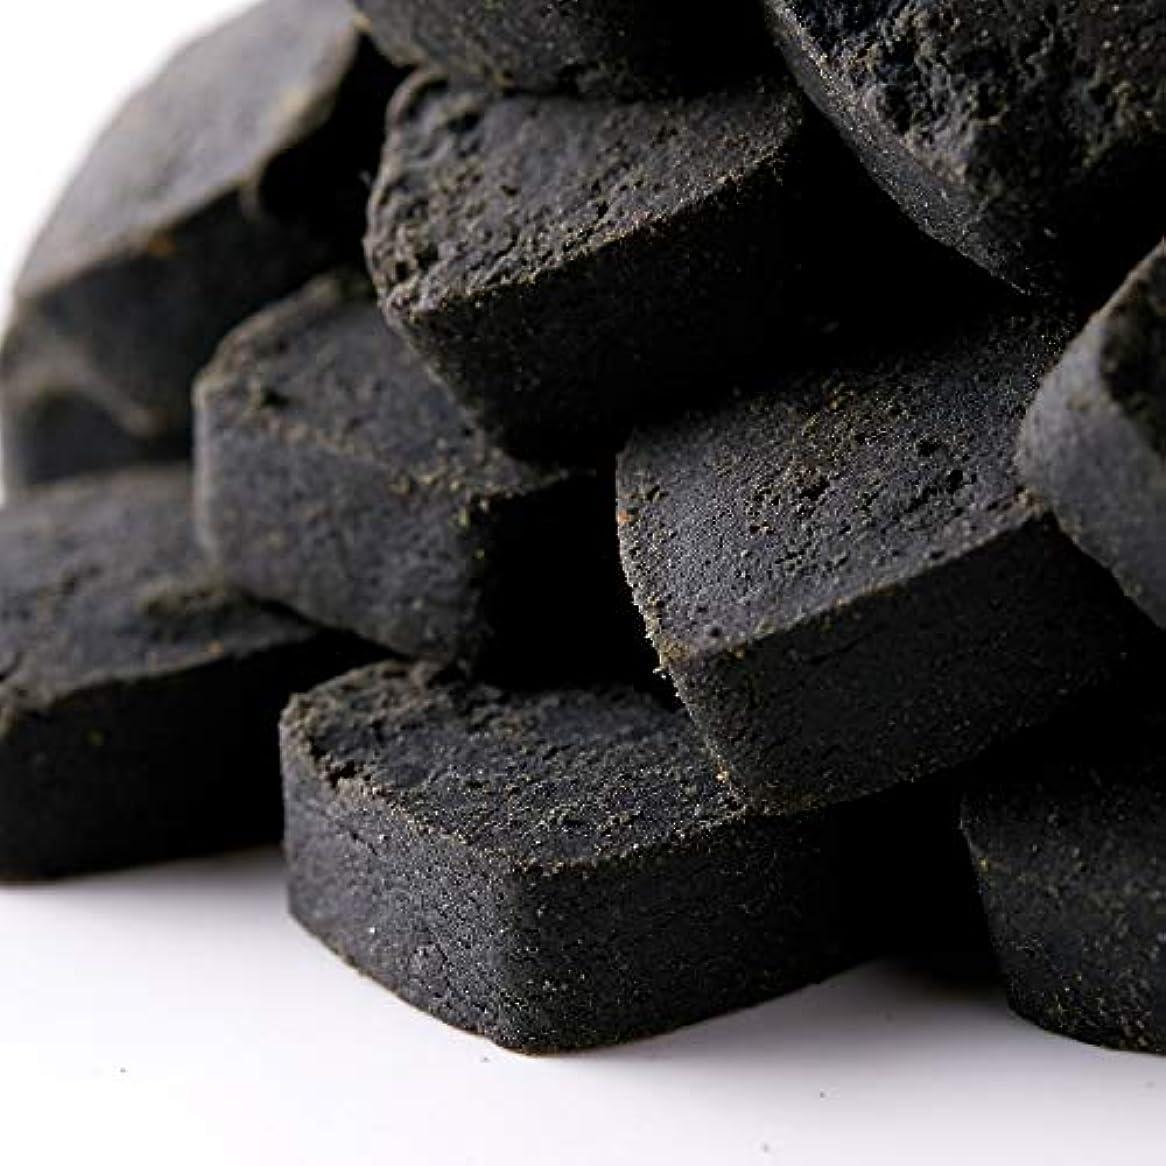 ステレオこだわり無竹炭パウダー使用 【訳あり】竹炭マンナン おからクッキー1.5kg (竹炭マンナン, 500x3)